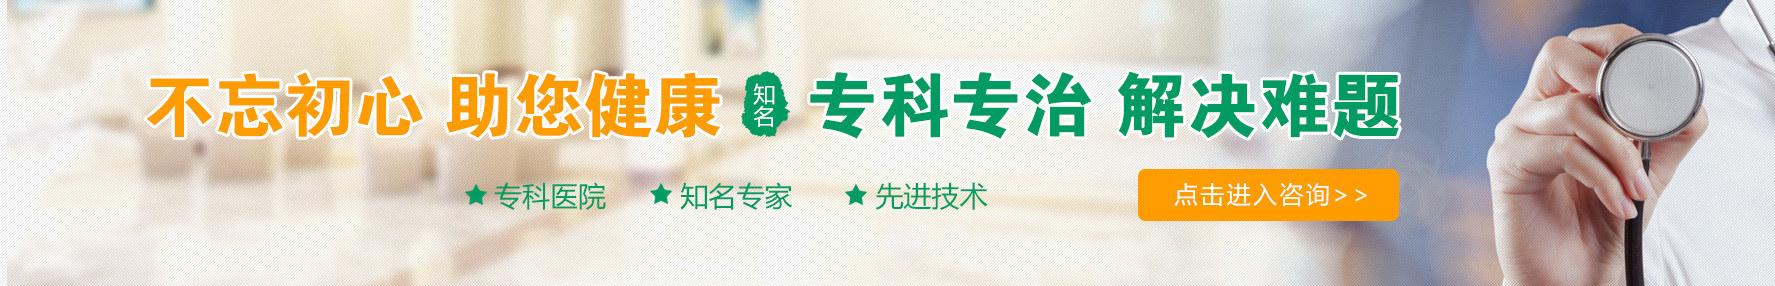 重庆精神病医院